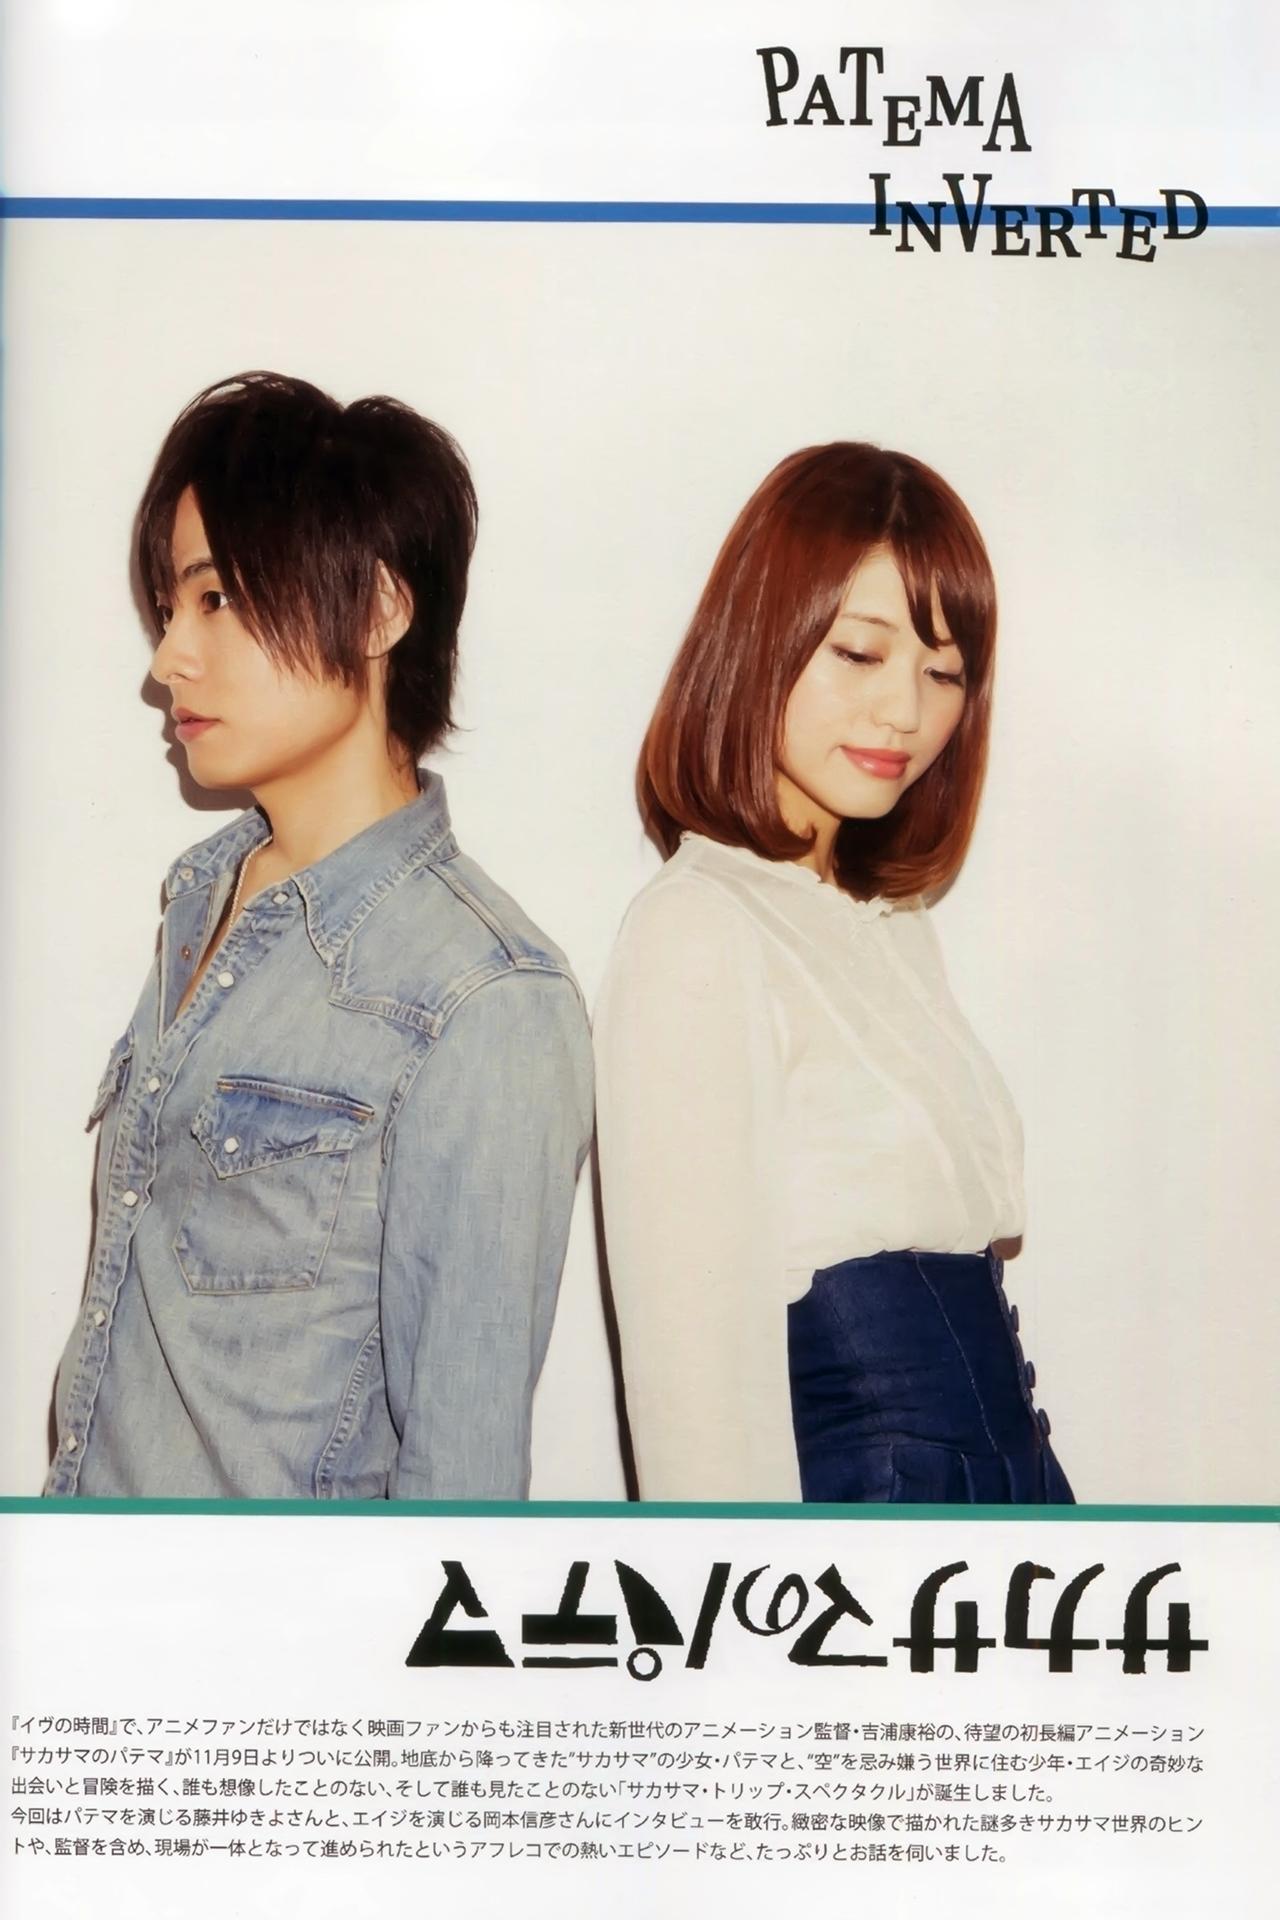 극장판 '거꾸로 된 파테마' 11월 9일 일본 현지에서 개봉